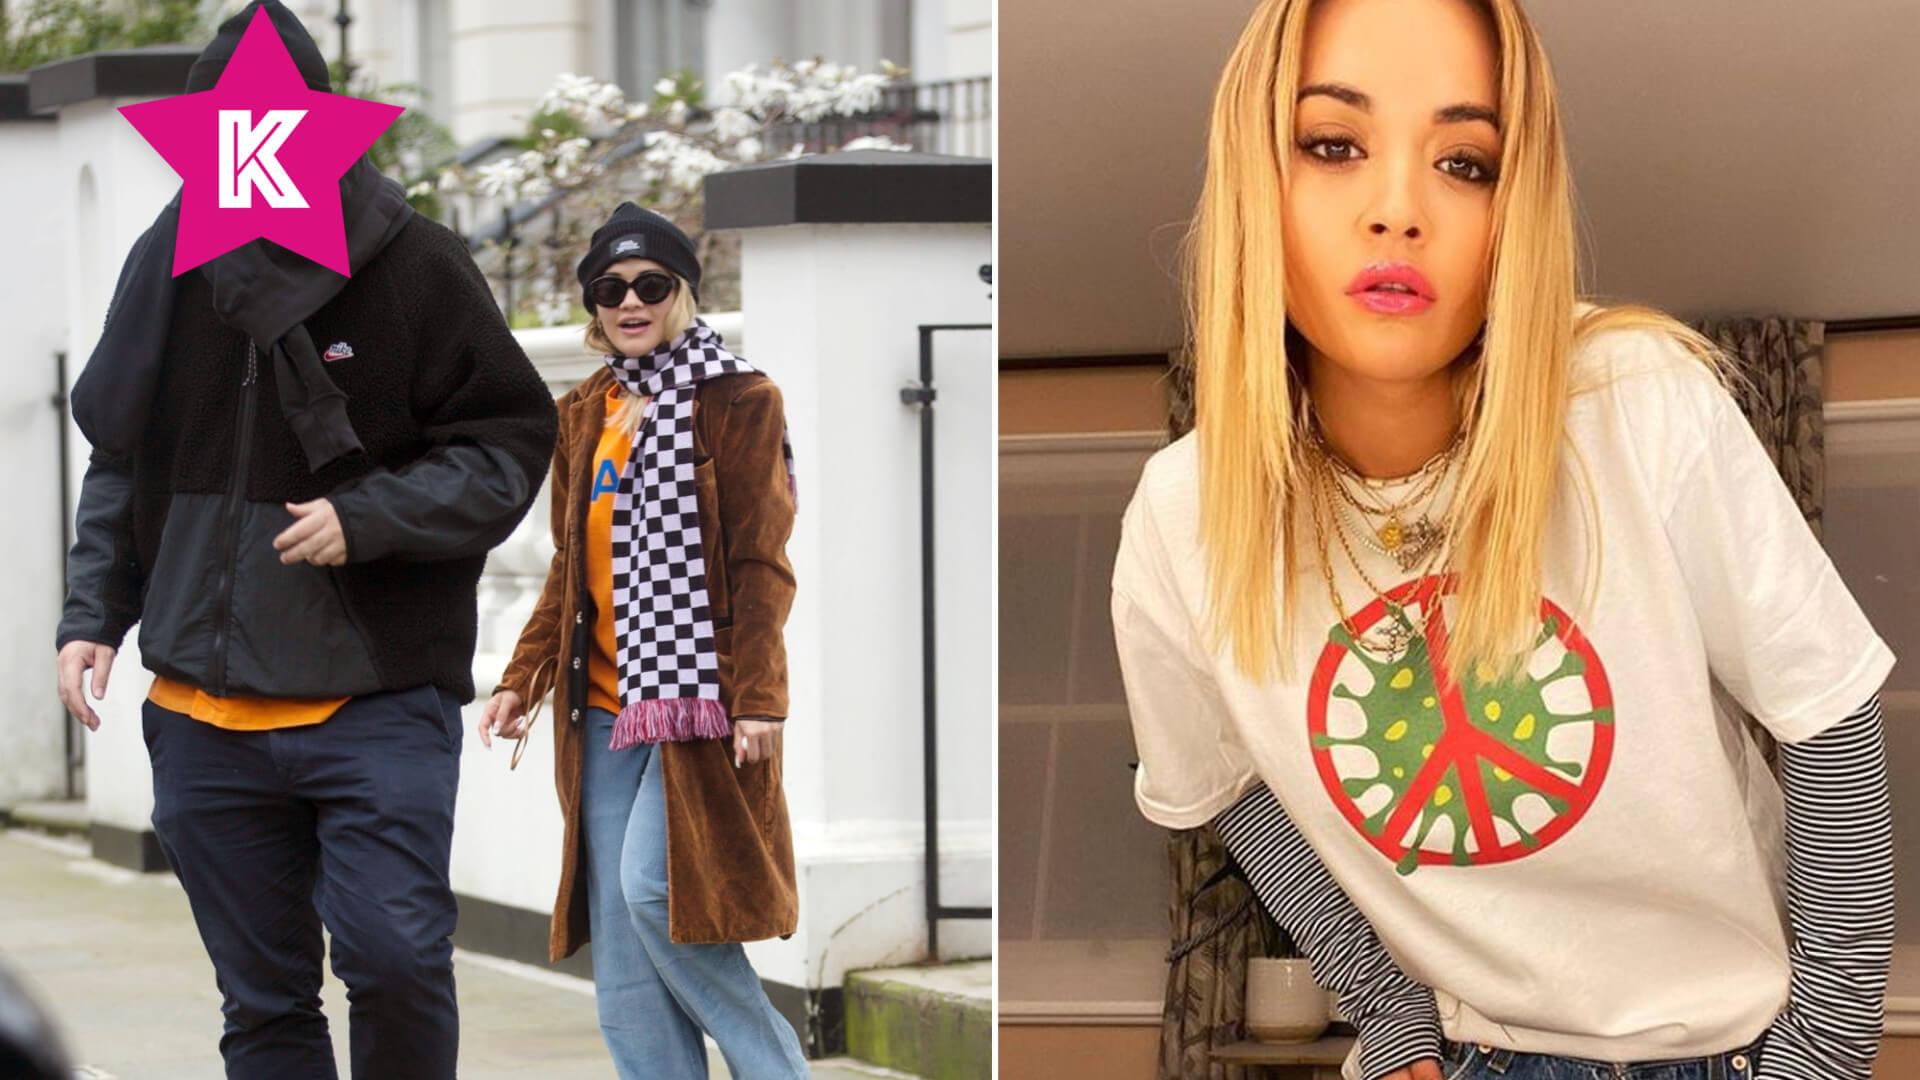 Rita Ora opuszcza mieszkanie w Londynie z tajemniczym mężczyzną (FOTO)